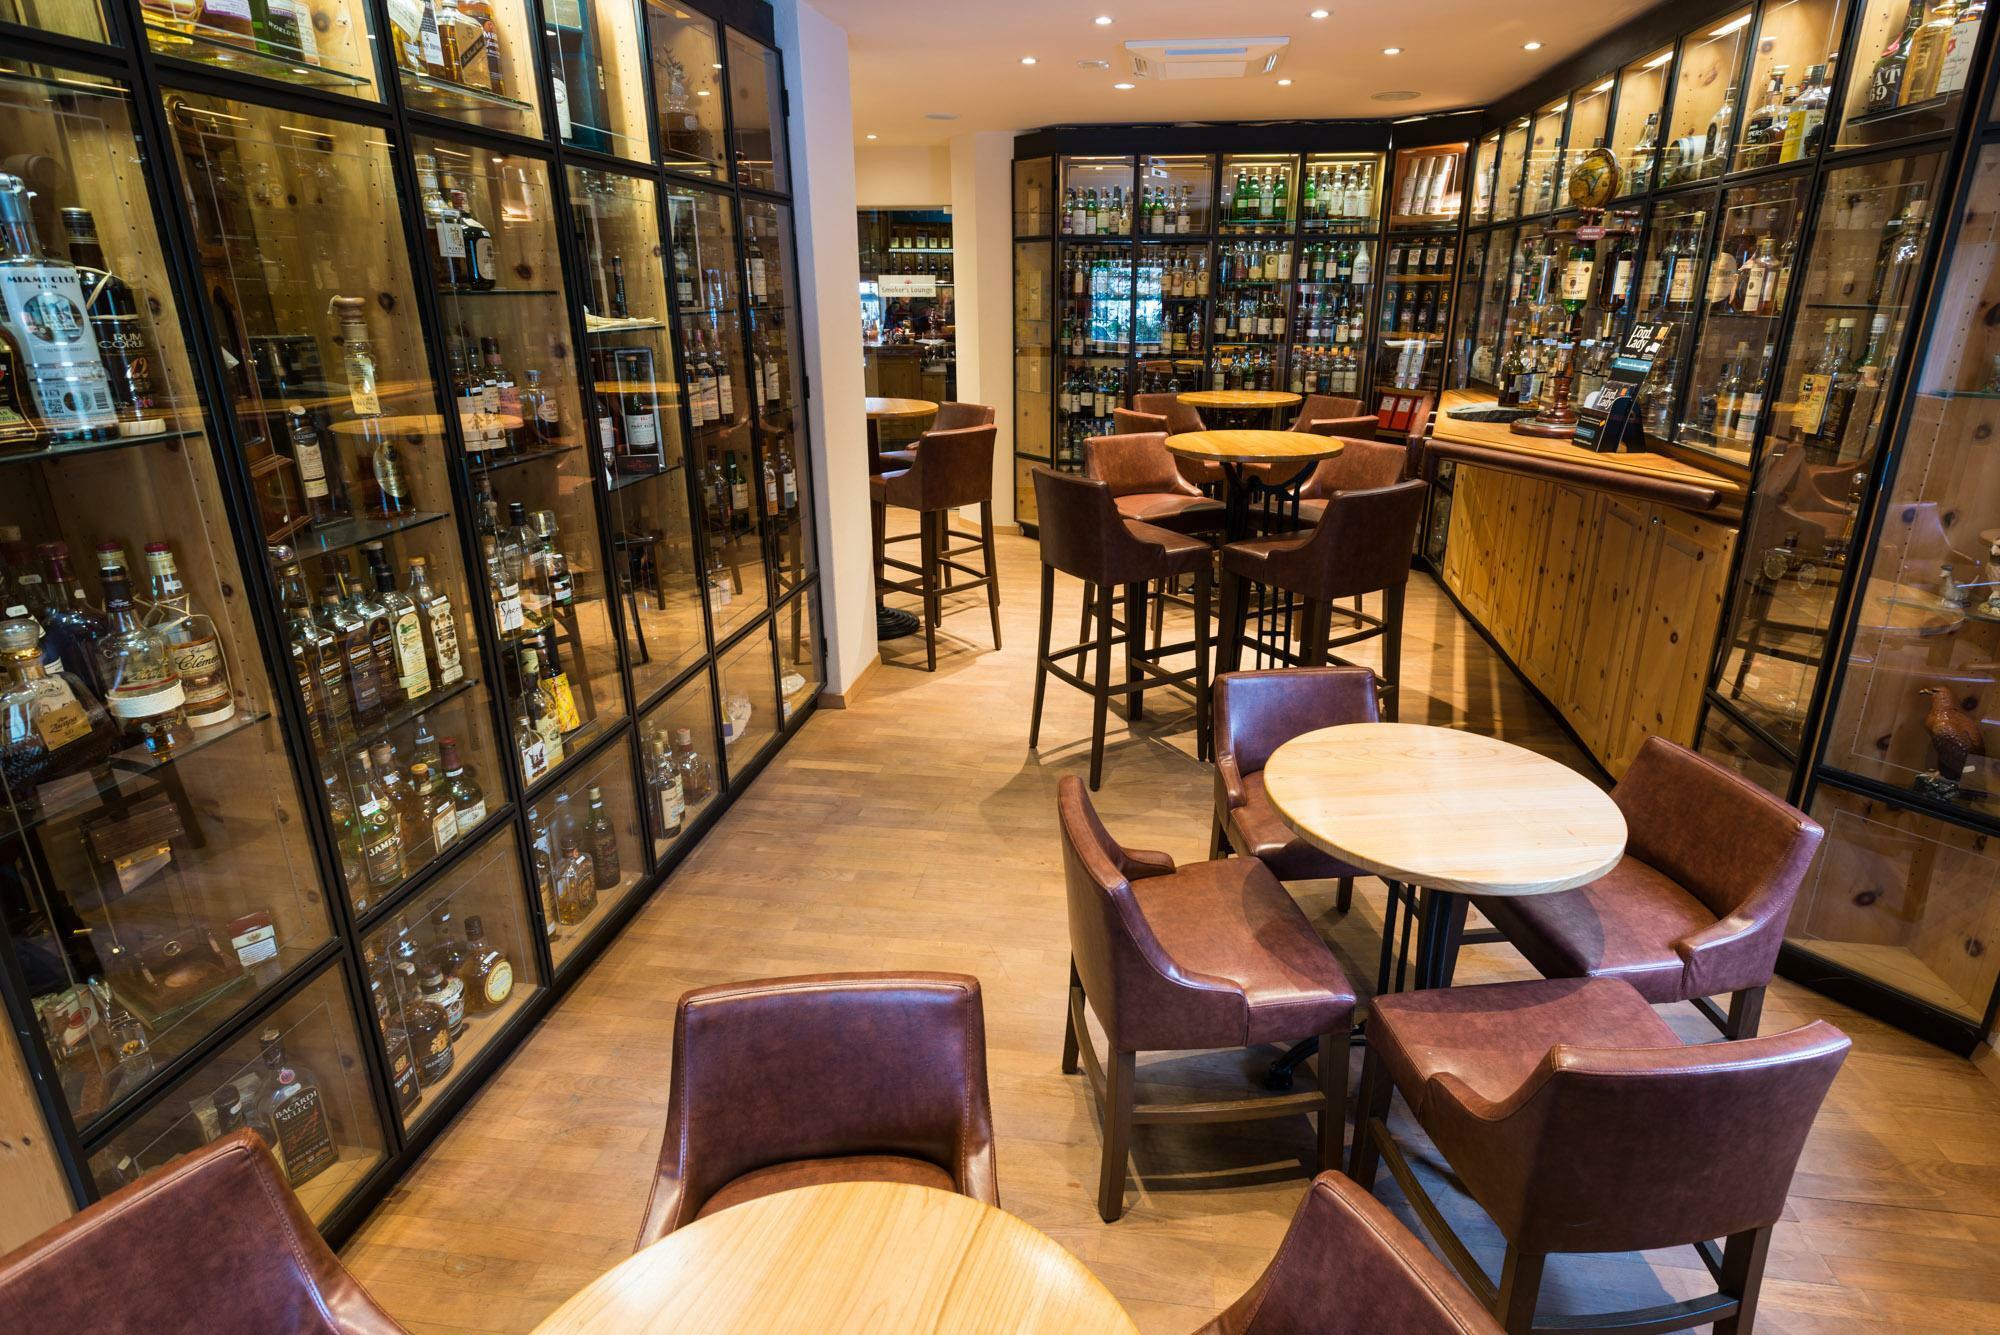 In dieser Bar steht der bekannteste gefälschte Whisky der Welt